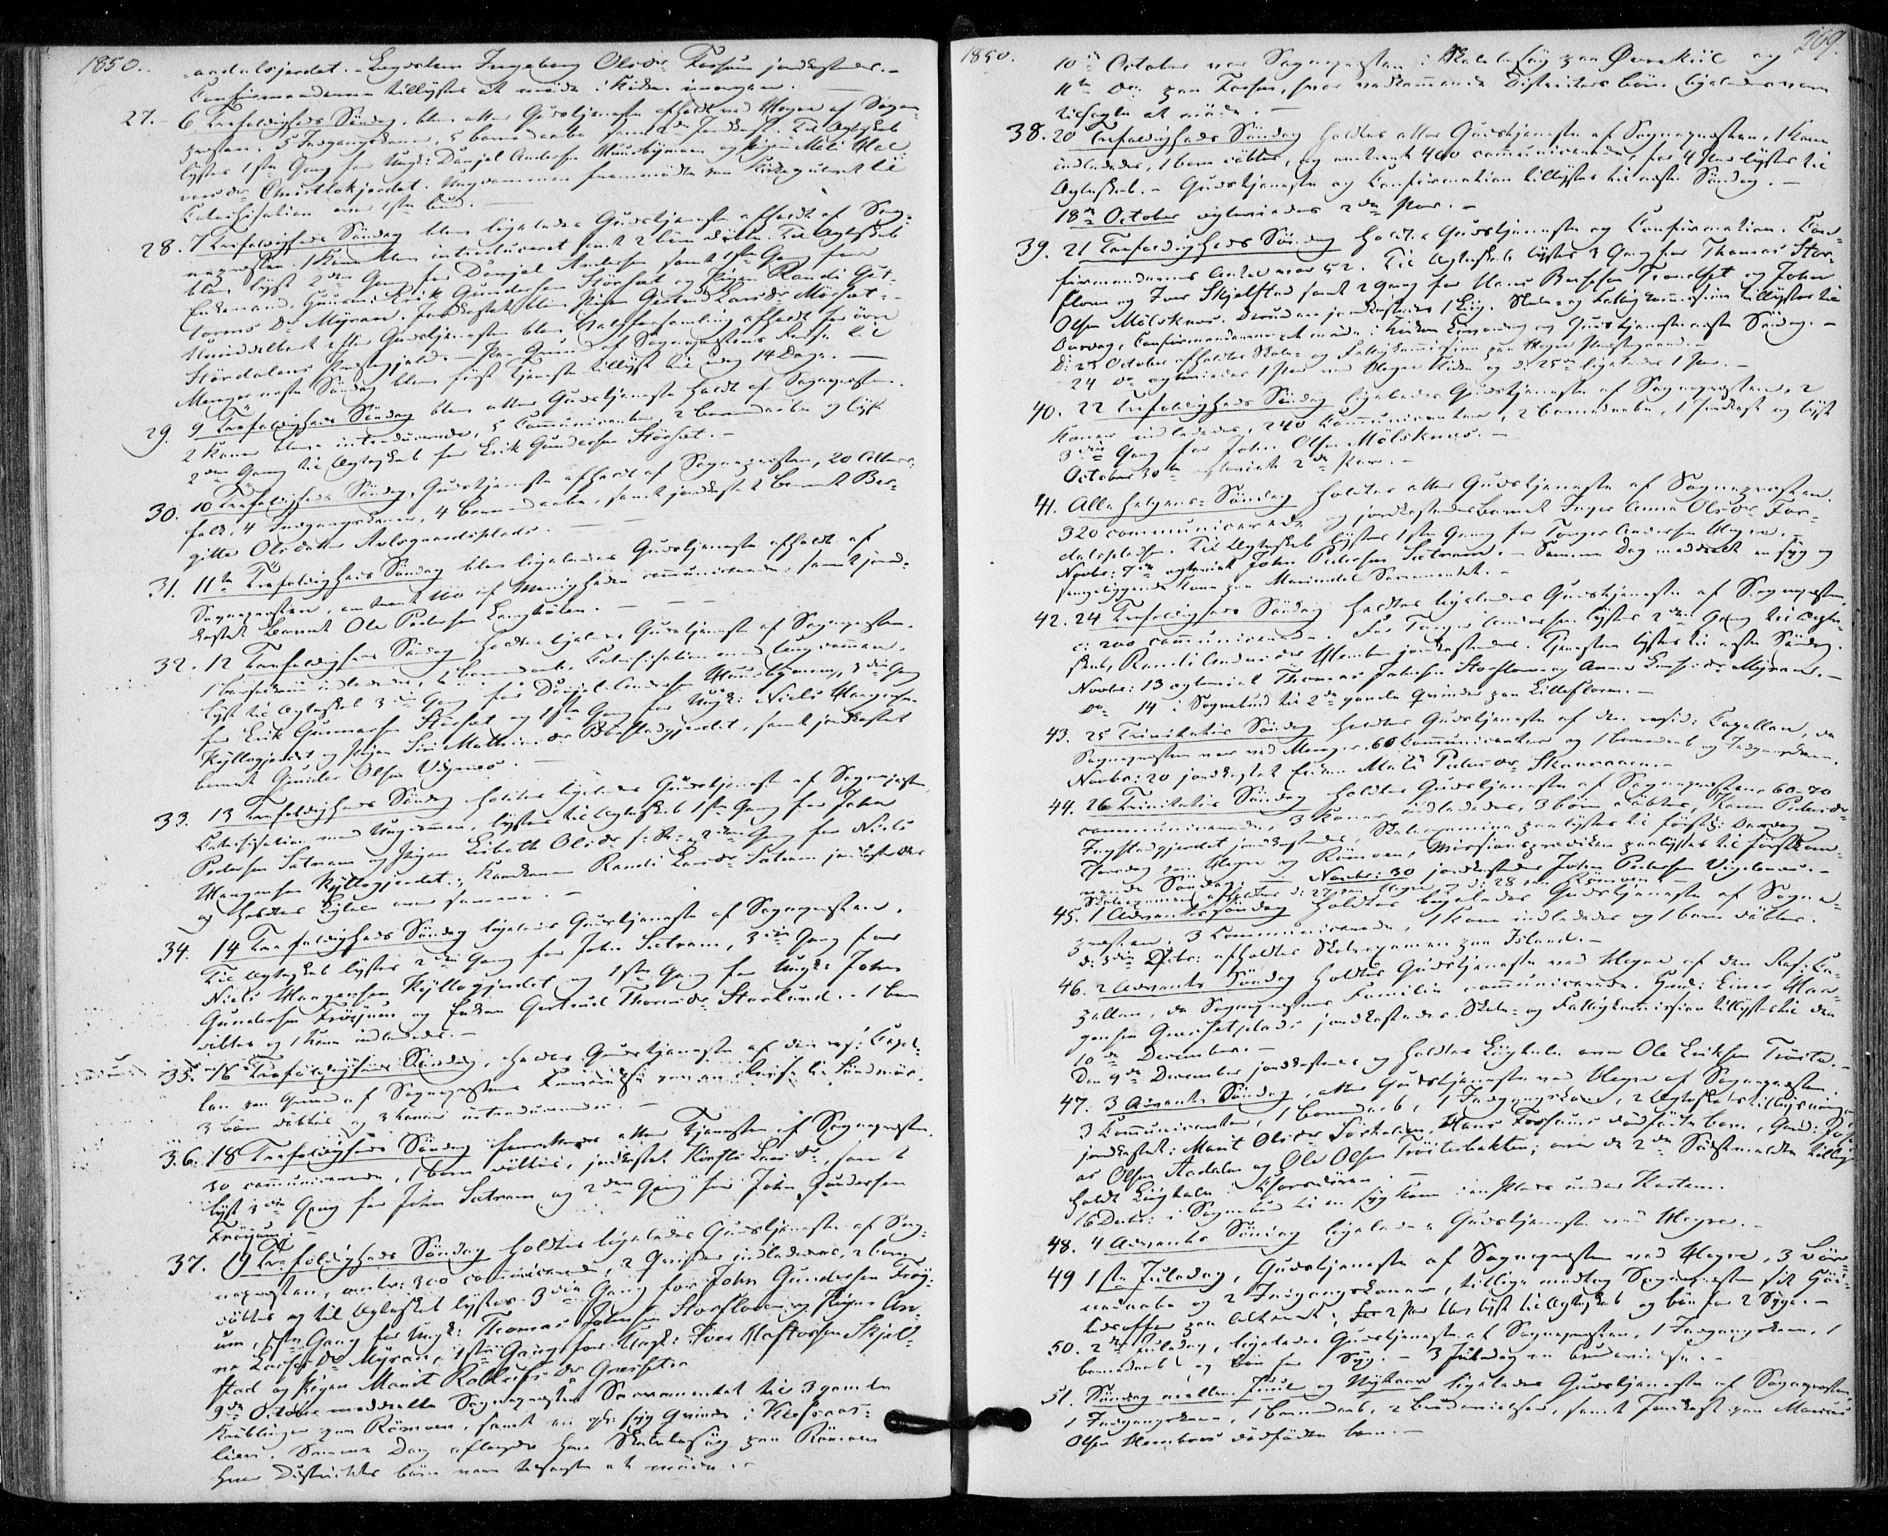 SAT, Ministerialprotokoller, klokkerbøker og fødselsregistre - Nord-Trøndelag, 703/L0028: Parish register (official) no. 703A01, 1850-1862, p. 209